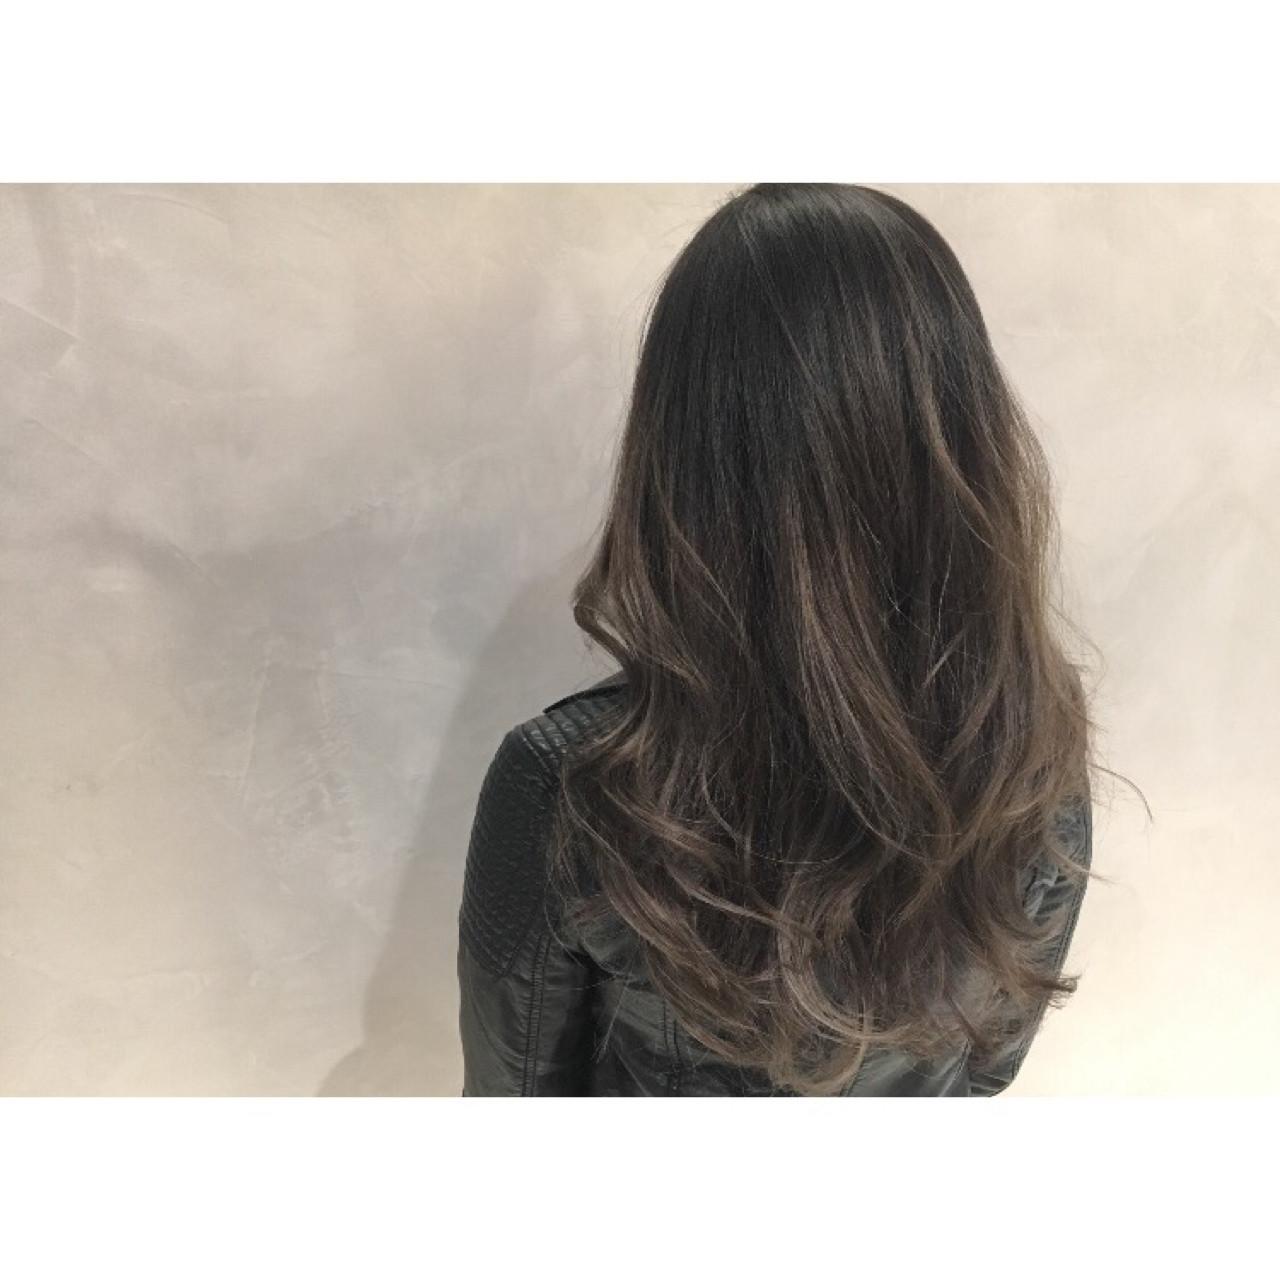 グレージュ バレイヤージュ ロング ストリート ヘアスタイルや髪型の写真・画像